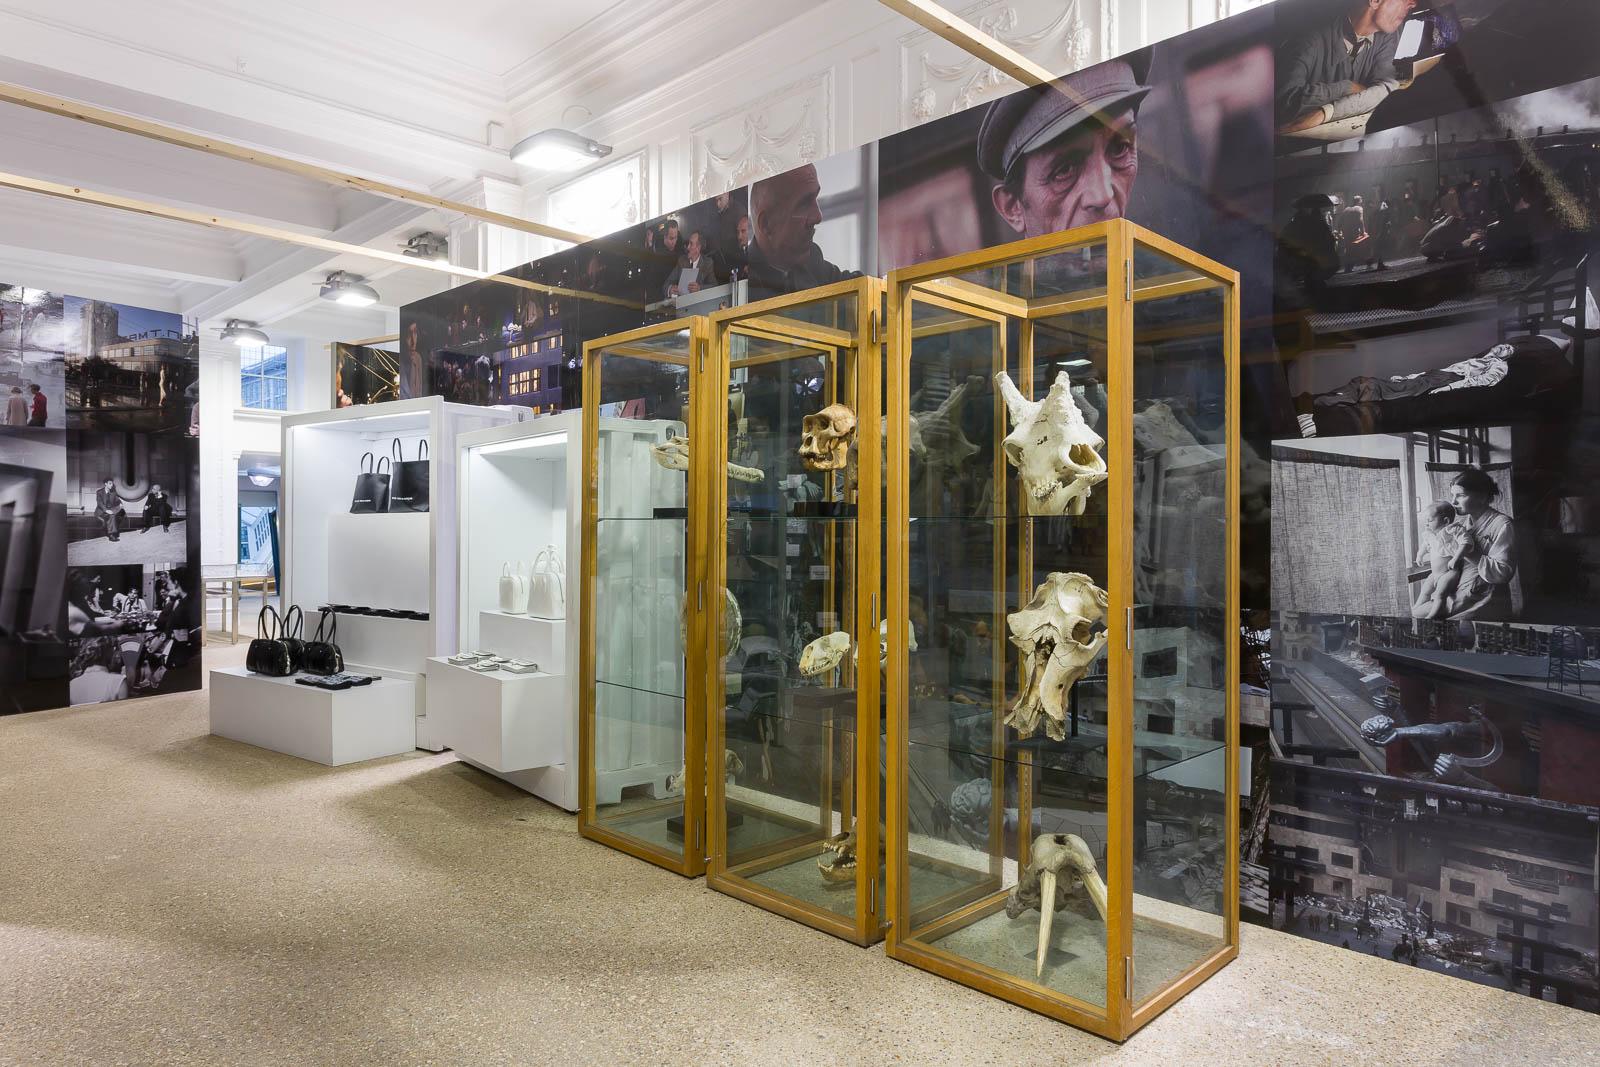 DSM AW18 - Ground Floor - DAU installation (5).jpg